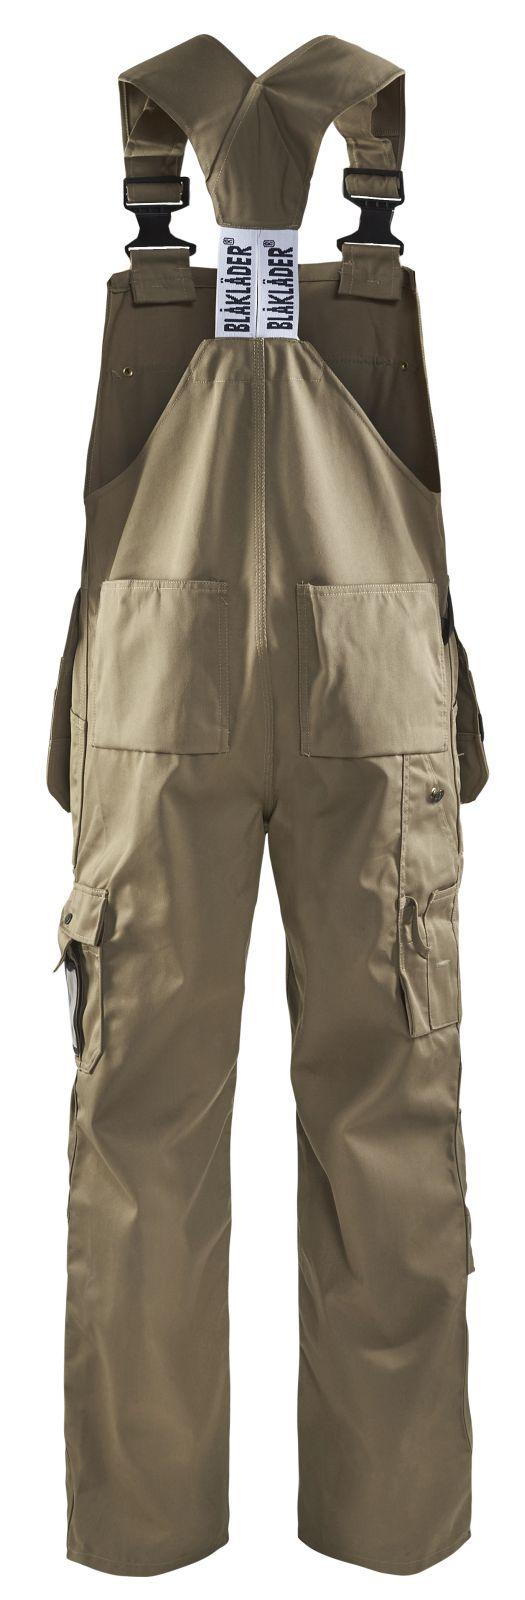 Blaklader Amerikaanse overalls 26001860 khaki(2400)